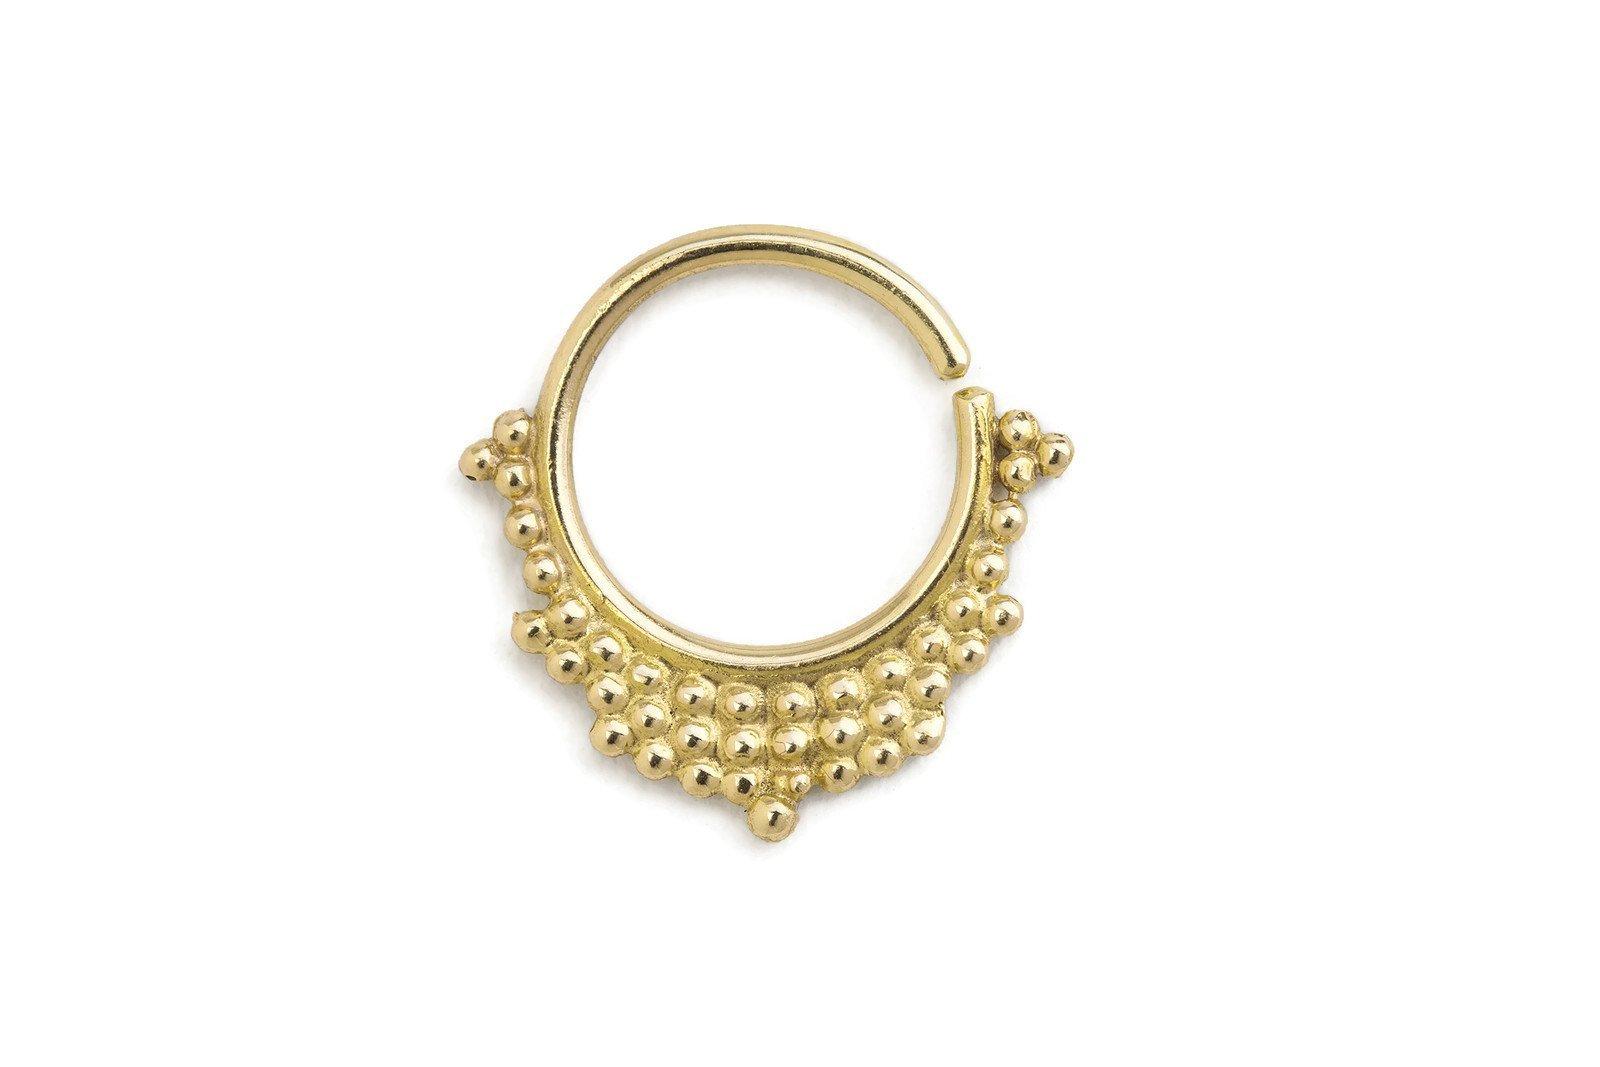 Tribal Helix Earring - Handmade Yellow Gold Degrade Ear Piercing Jewelry in 16 Gauge